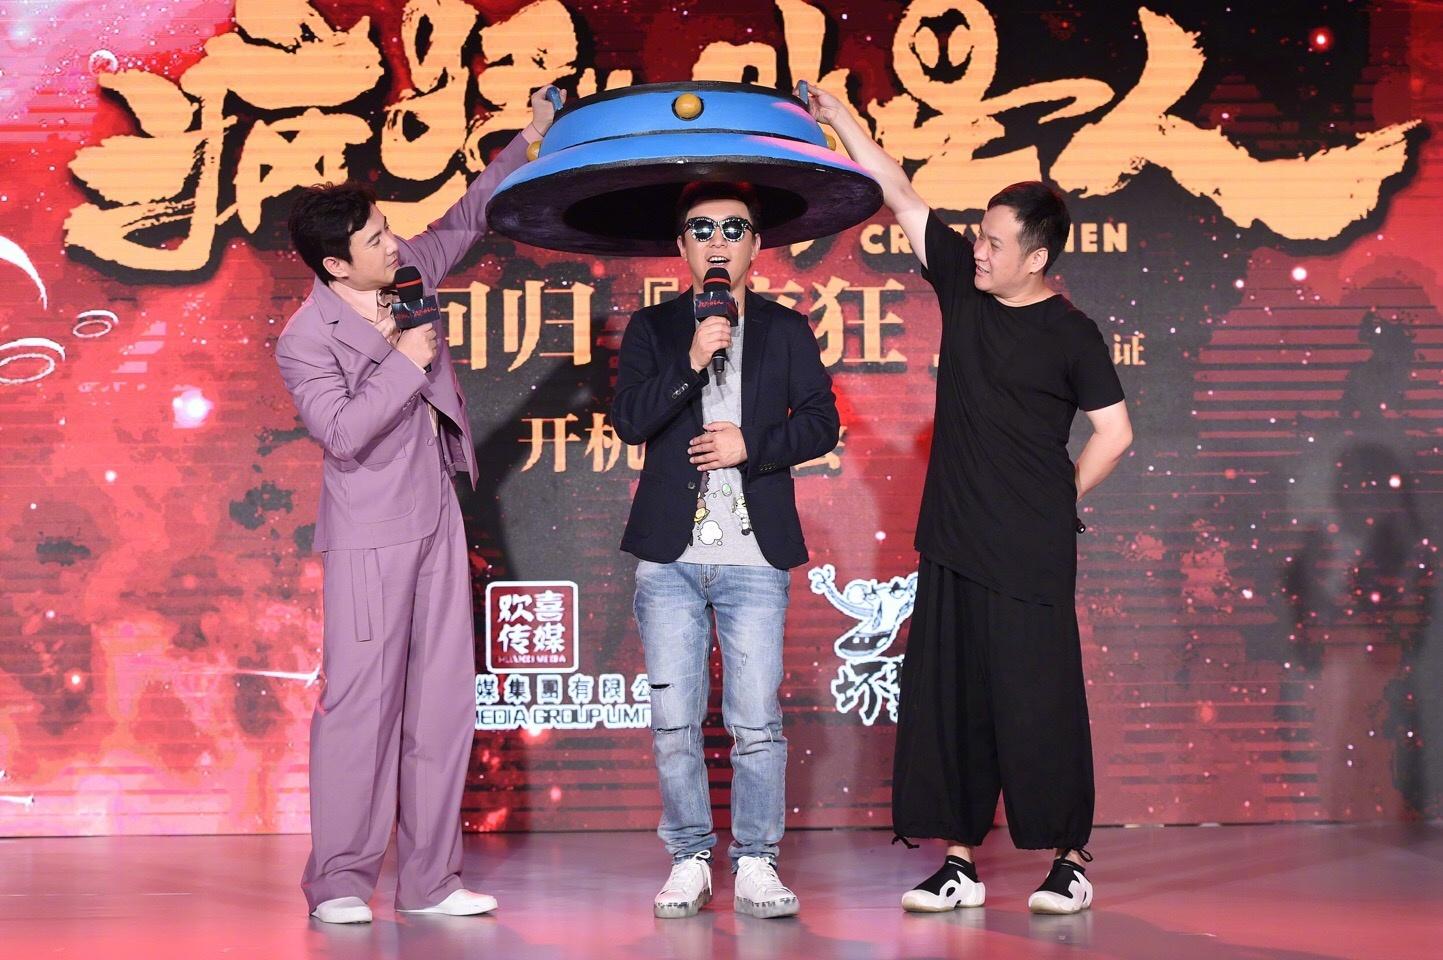 中国导演拍不了科幻片?宁浩《疯狂的外星人》开机